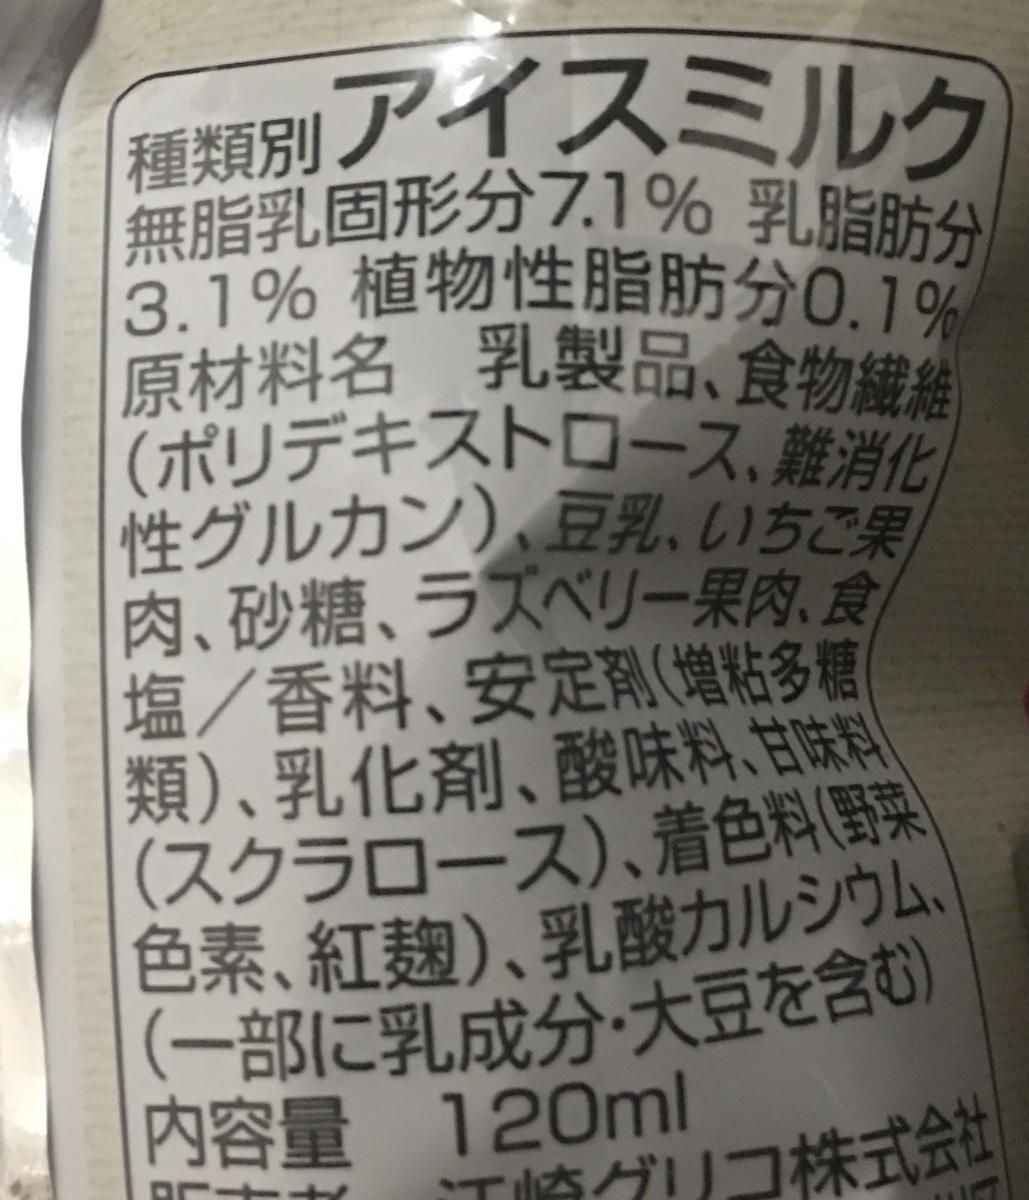 f:id:YOSHIO1010:20200413044824j:plain